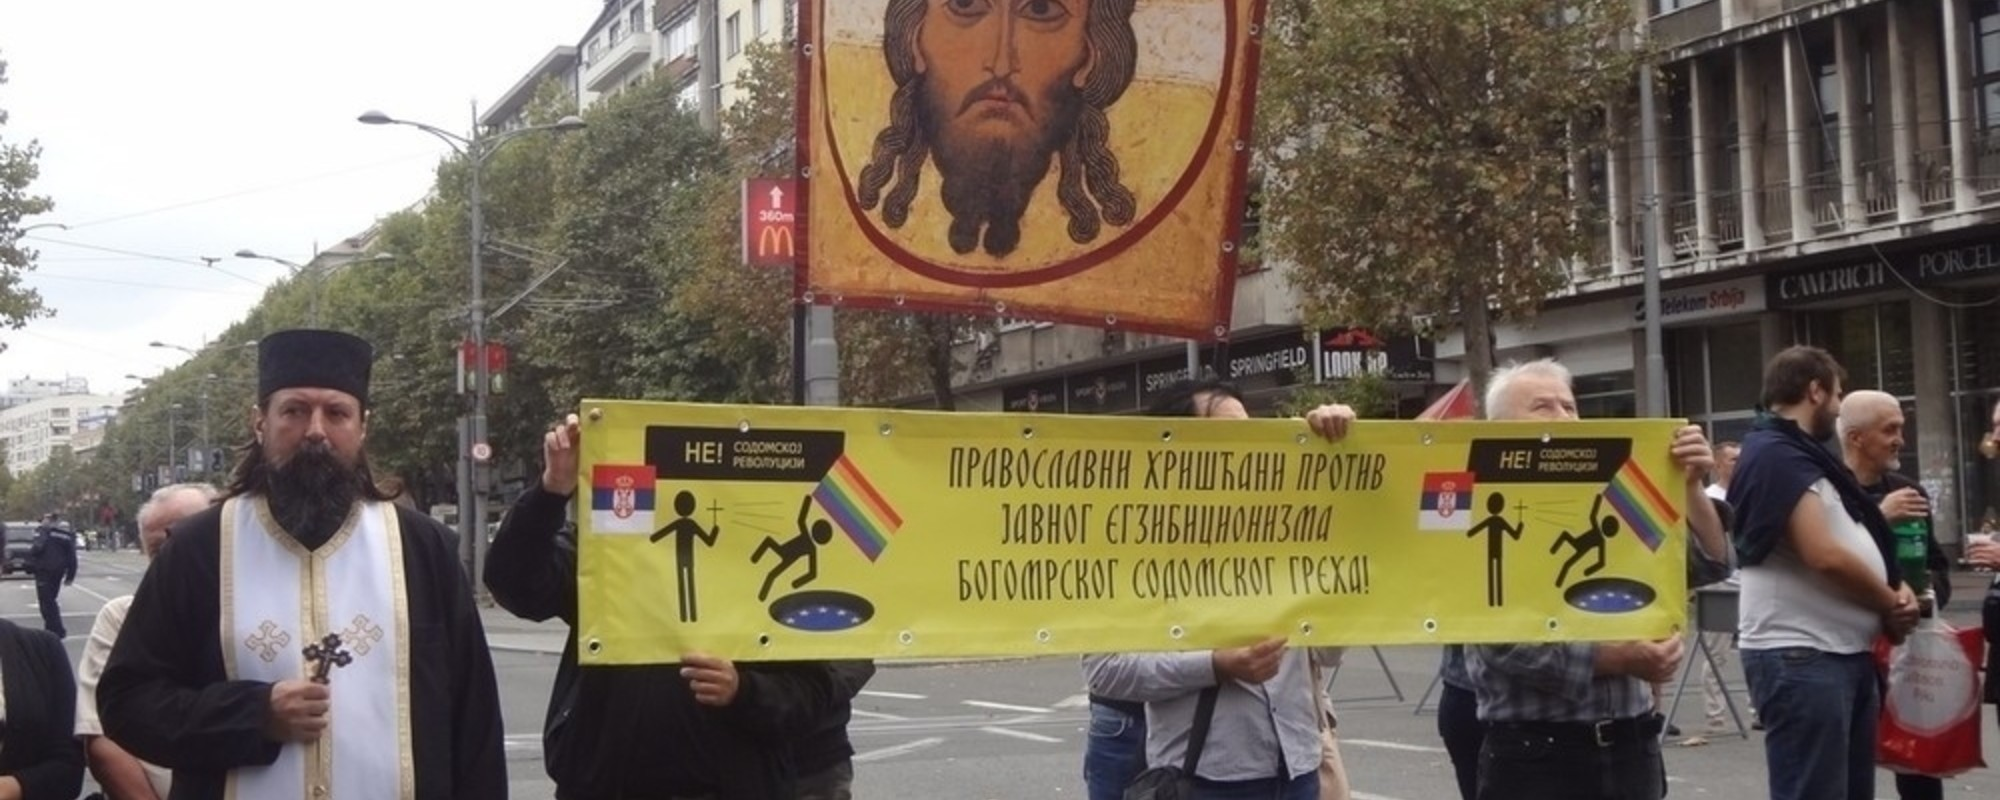 Rugăciuni și polițiști: Fotografii de la parada gay din Serbia